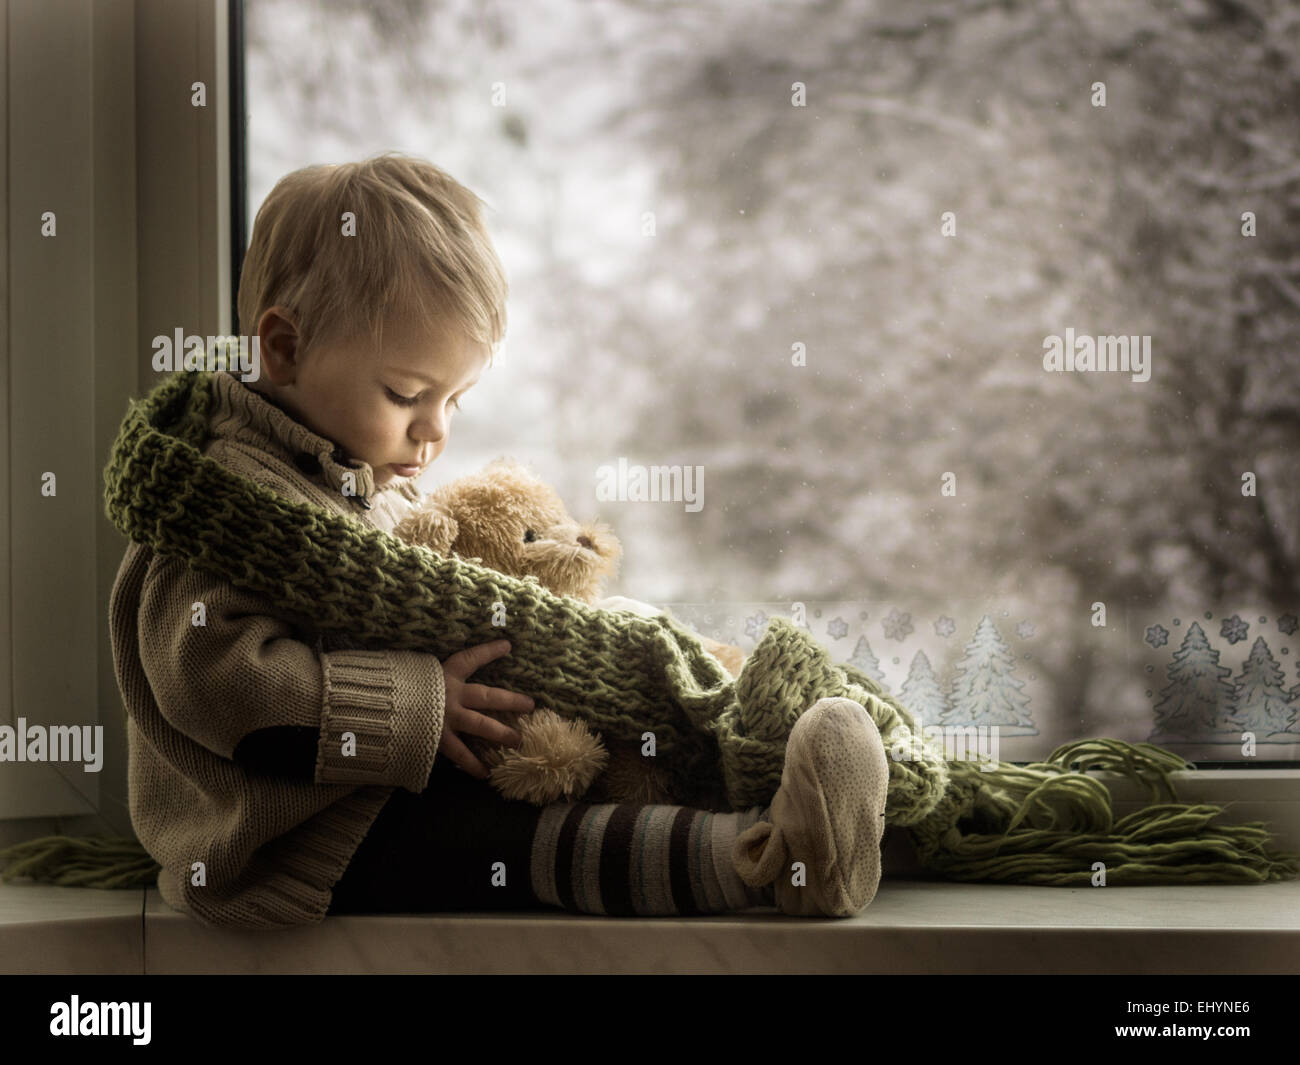 Garçon assis sur un rebord de fenêtre avec un ours en peluche Photo Stock